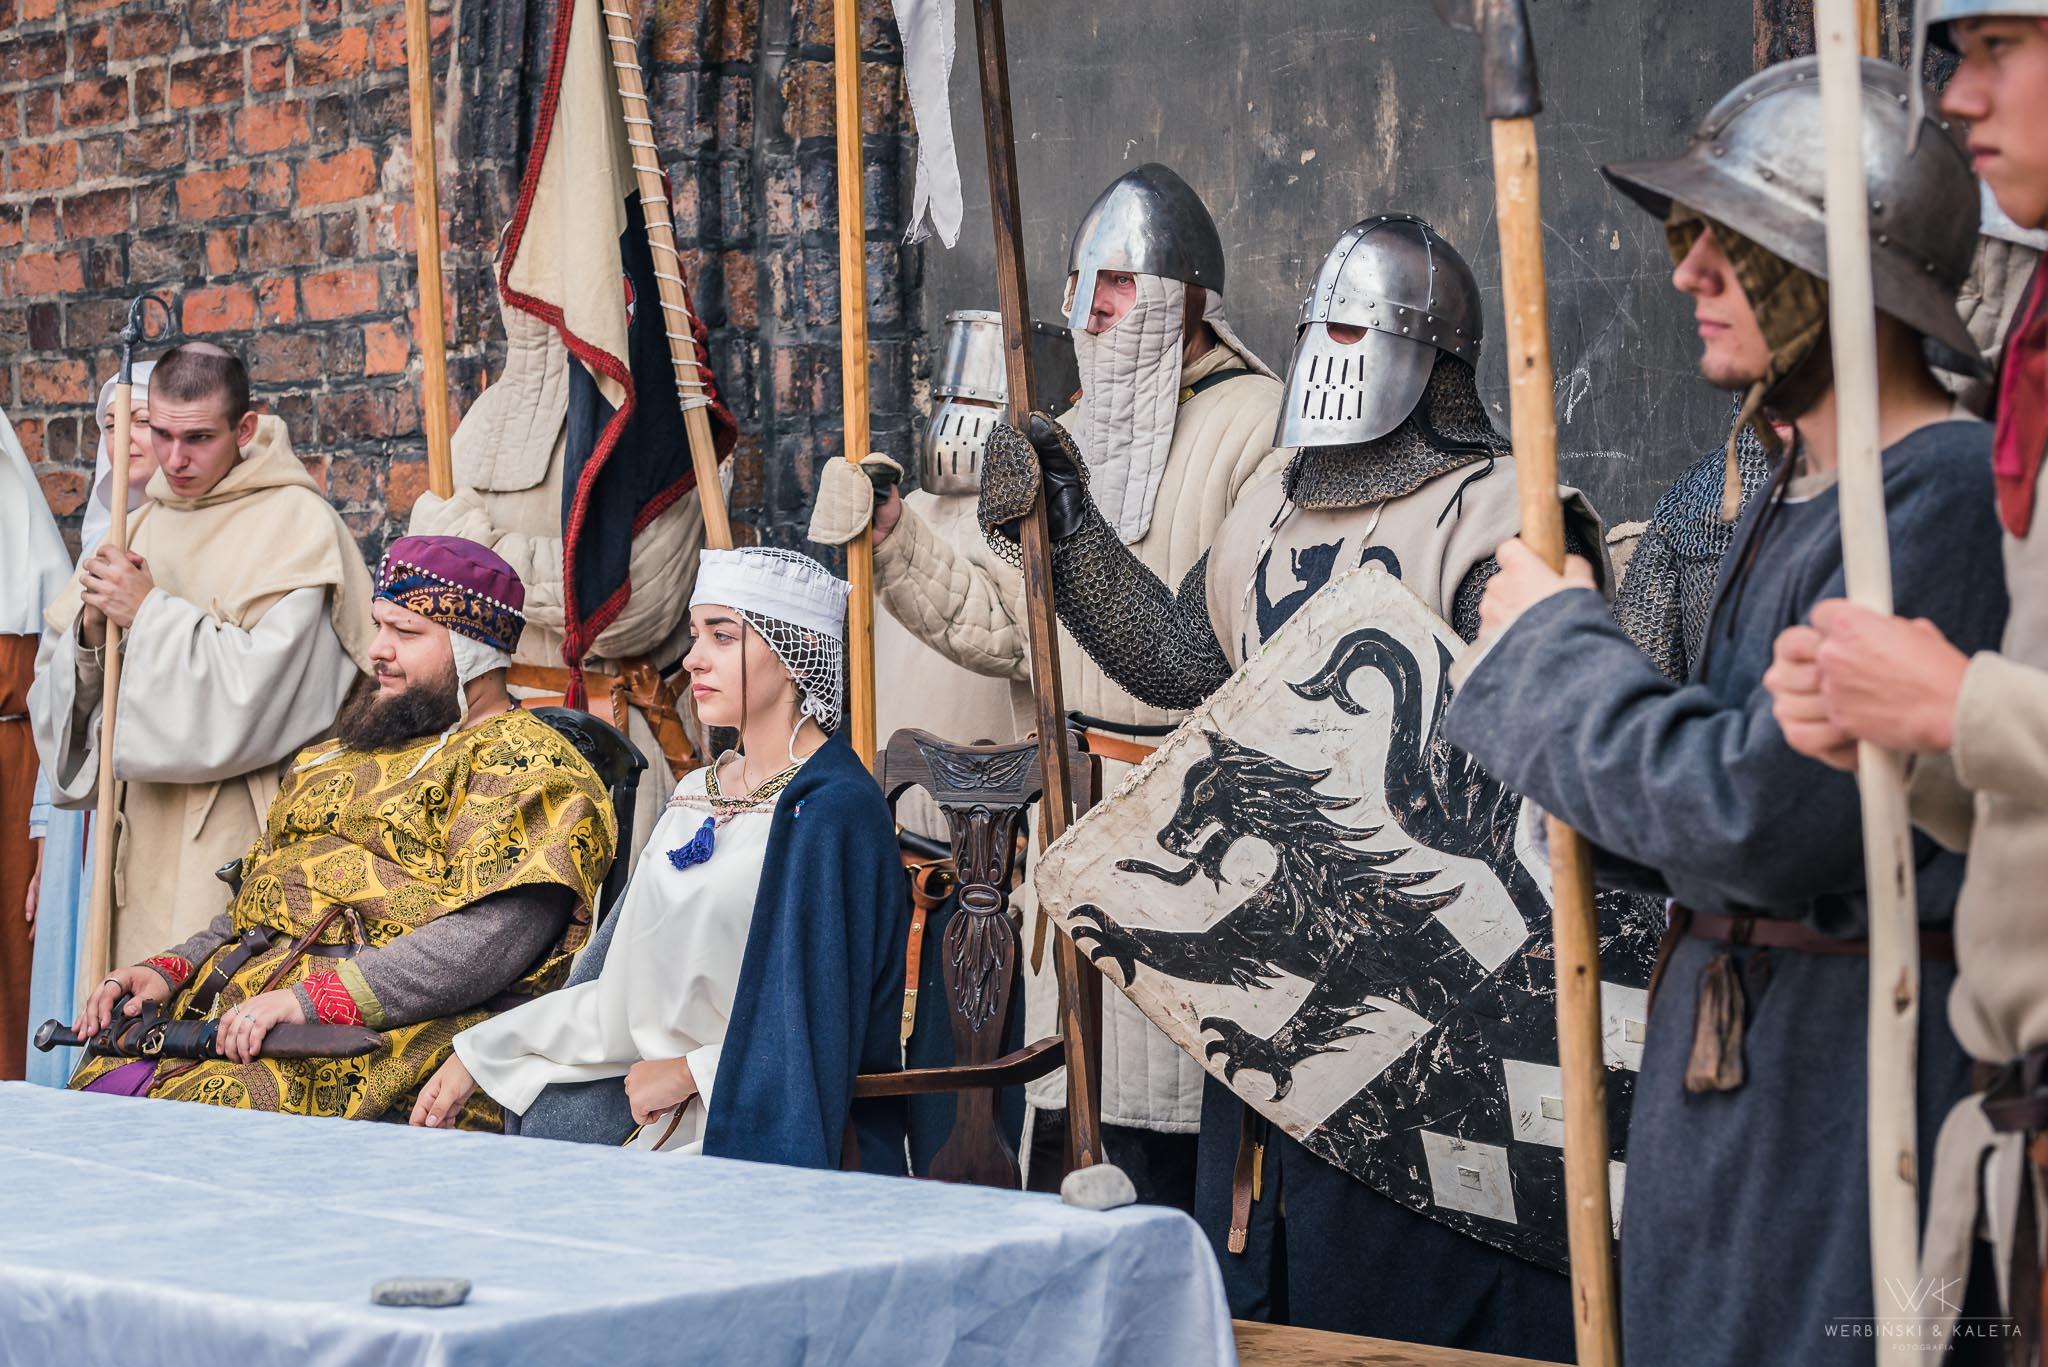 Ogólnopolski Festiwal Plenerowy Widowisk Historycznych w Kaliszu  - Zdjęcie główne